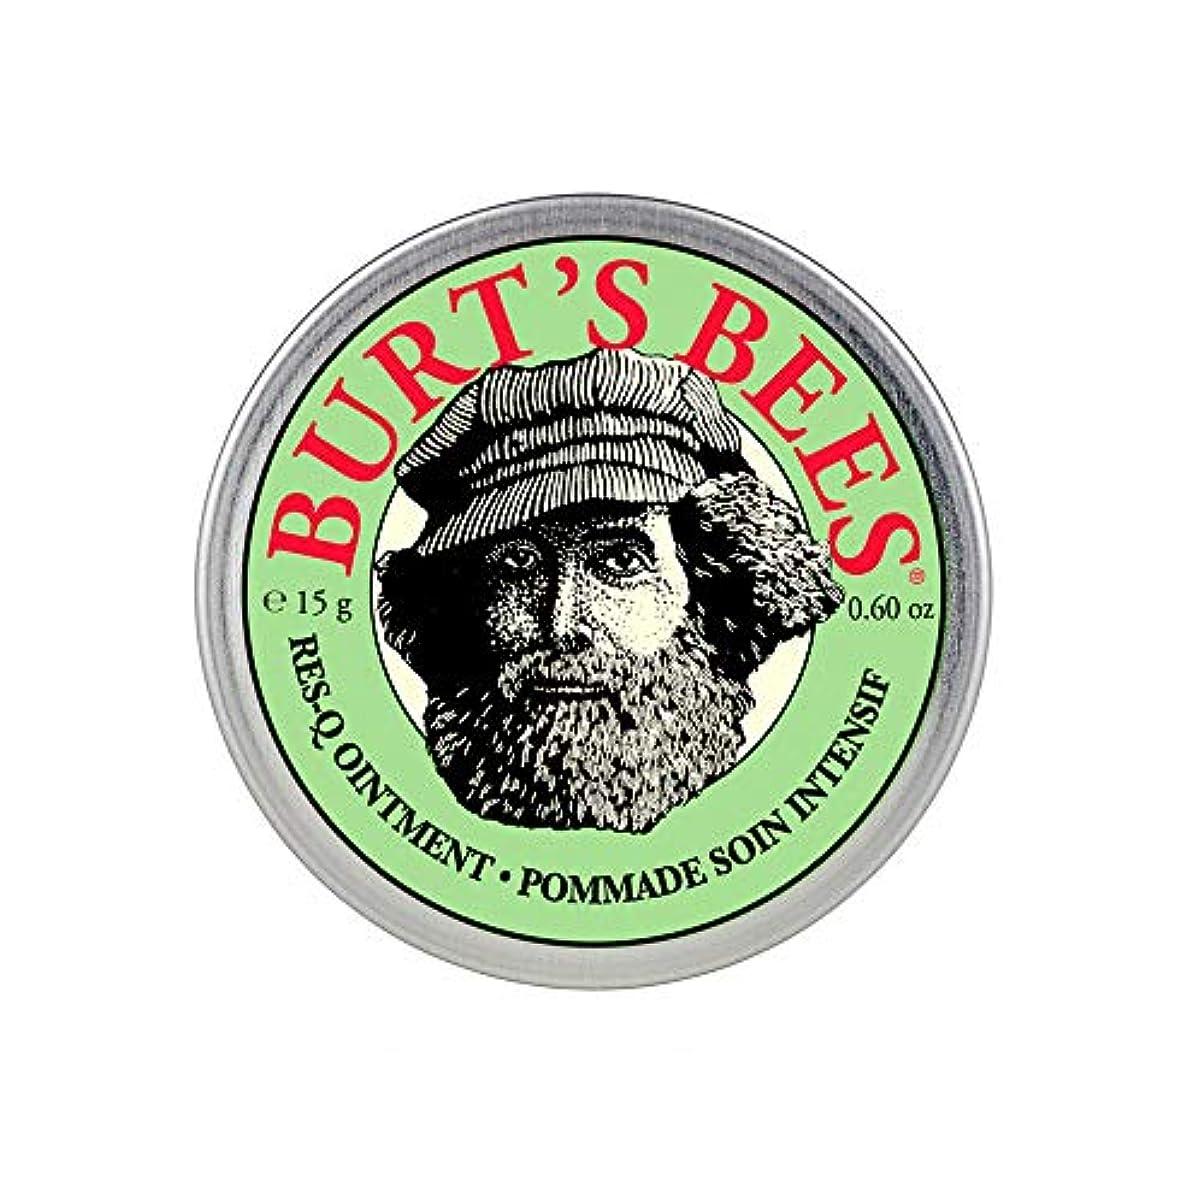 引き算補助金進行中バーツビーズ(Burt's Bees) レスキュー オイントメント 15g [100%ナチュラル、軟膏] [海外直送][並行輸入品]